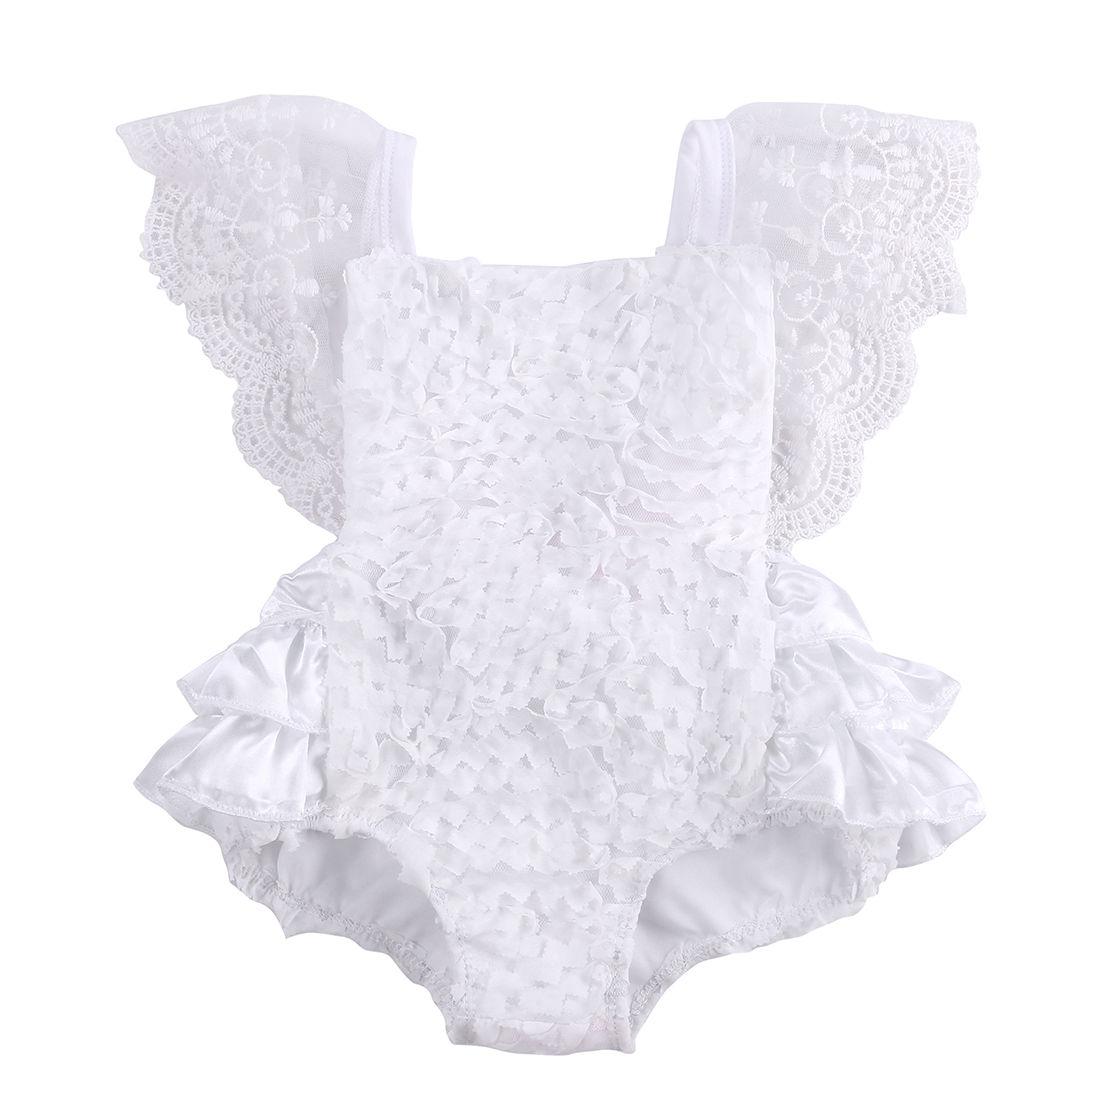 Tirred Baumwolle Bogen Nette Weiße Strampler Infant Baby Mädchen Kleidung Rüschen Baby Strampler Kuchen Sunsuit Outfits 0-18 Mt